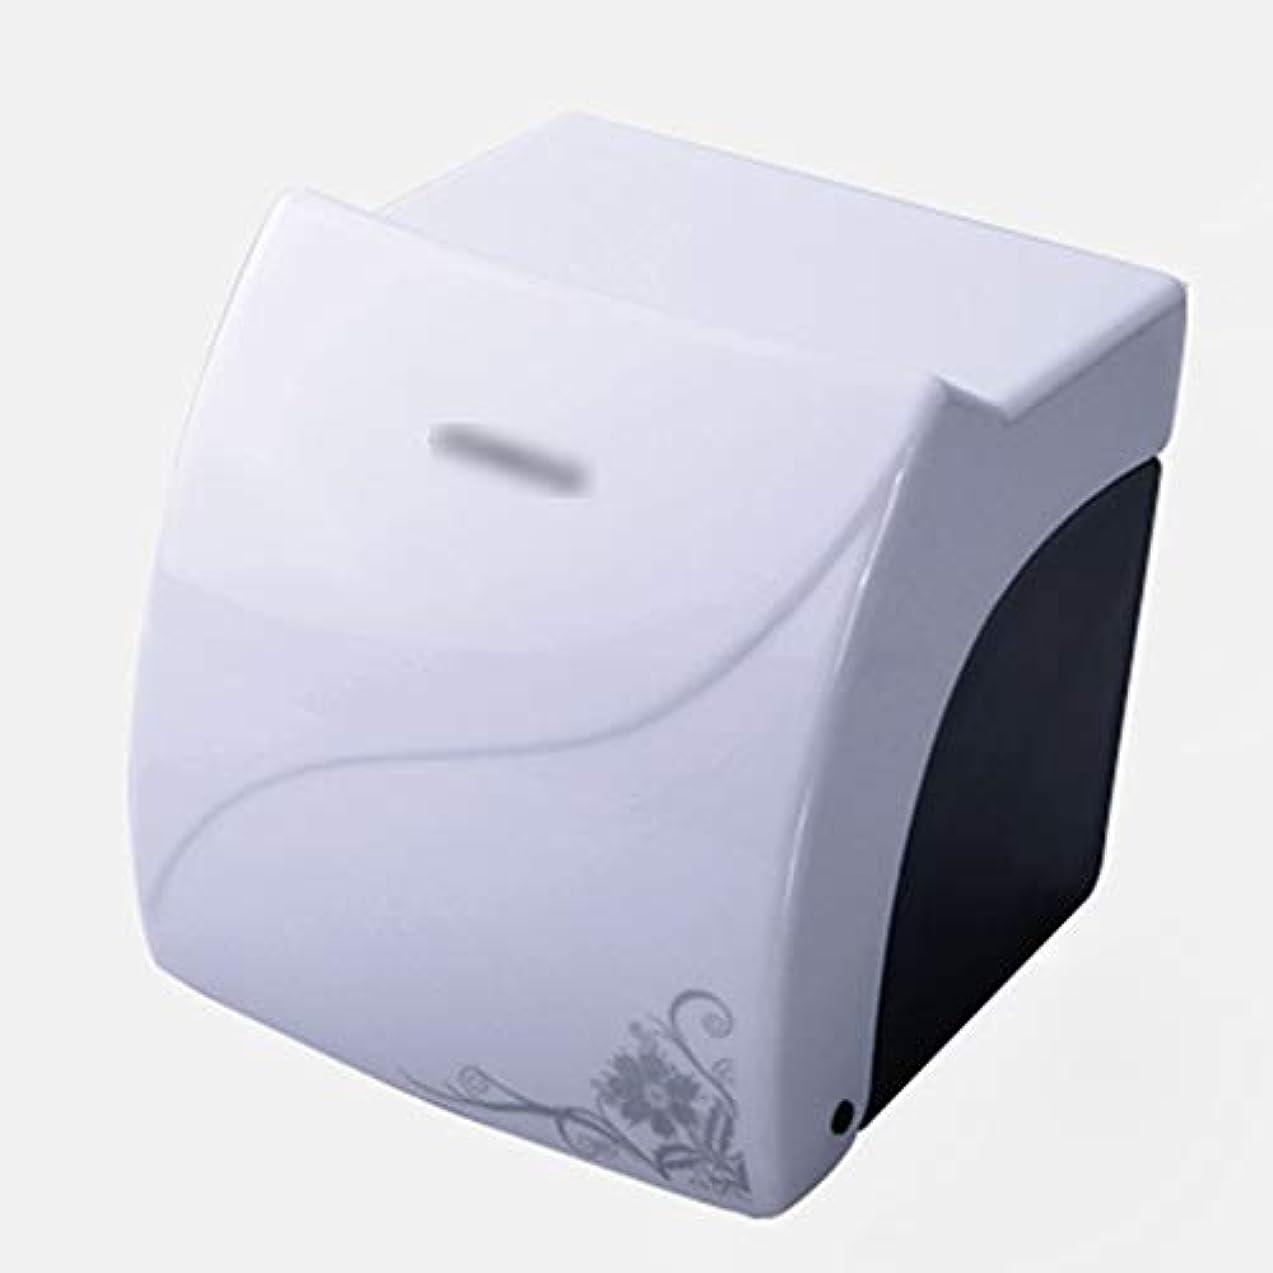 育成おもしろい彼らZZLX 紙タオルホルダー、高品質ABS防水ティッシュボックストイレットペーパーボックスペーパーホルダー ロングハンドル風呂ブラシ